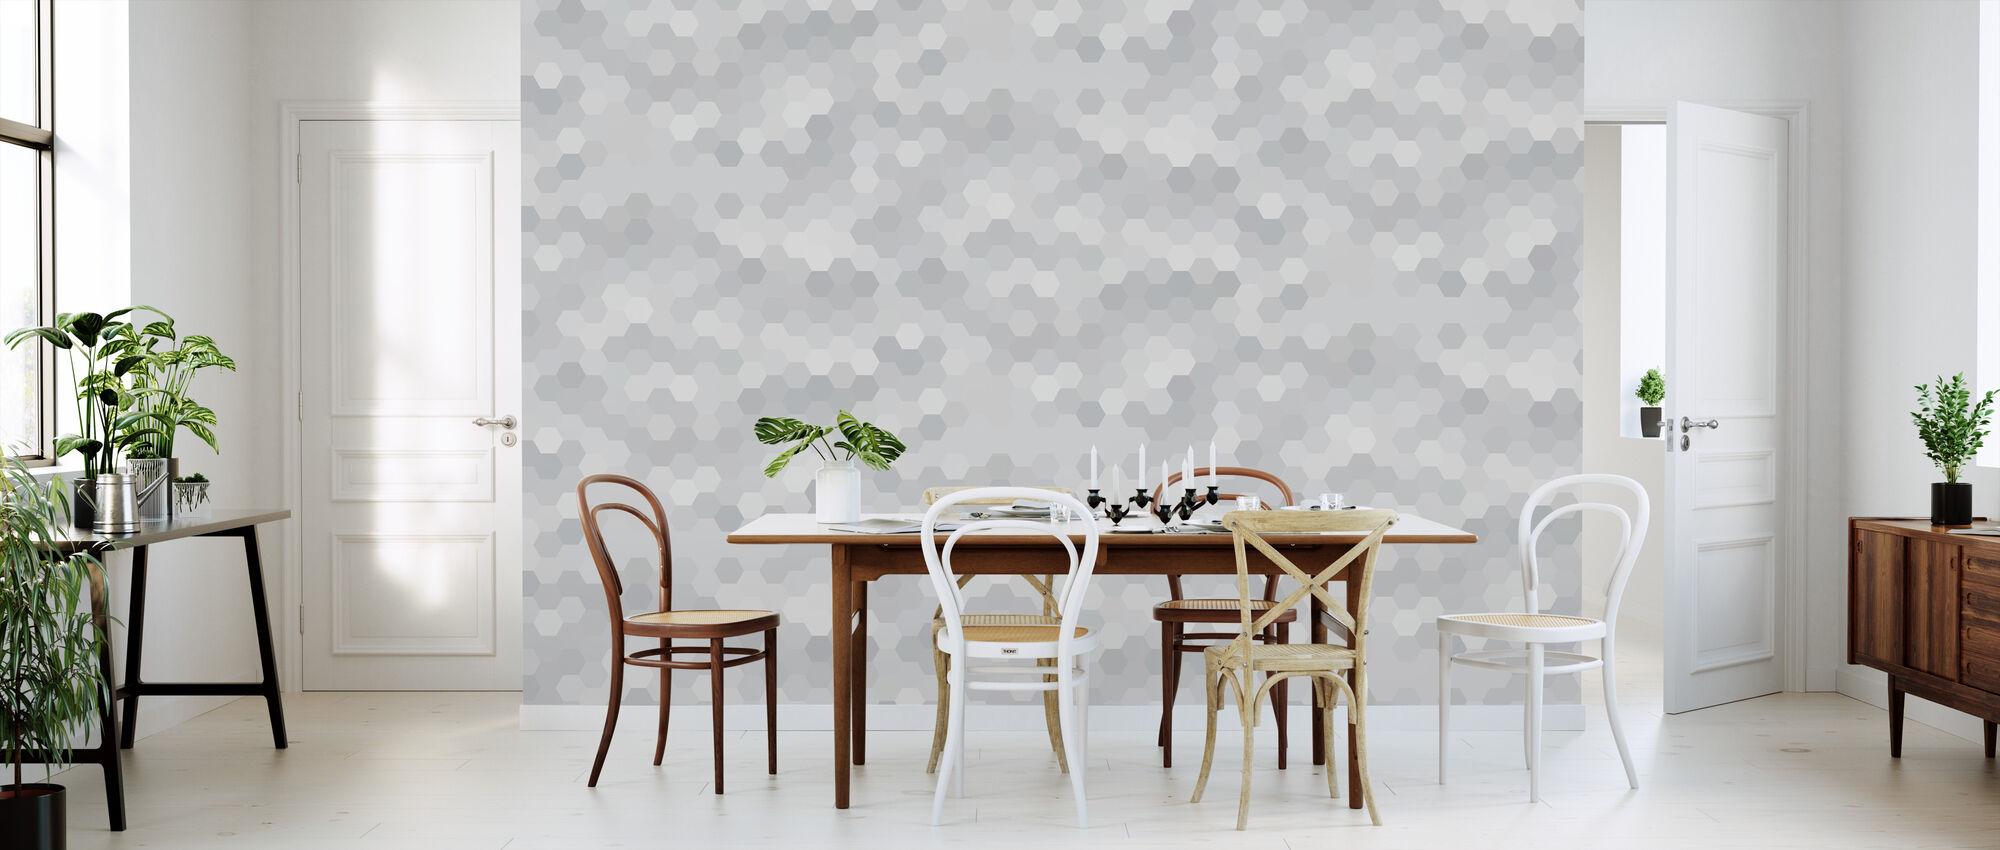 Abstrakt Mosaikk - Varm Grå - Tapet - Kjøkken